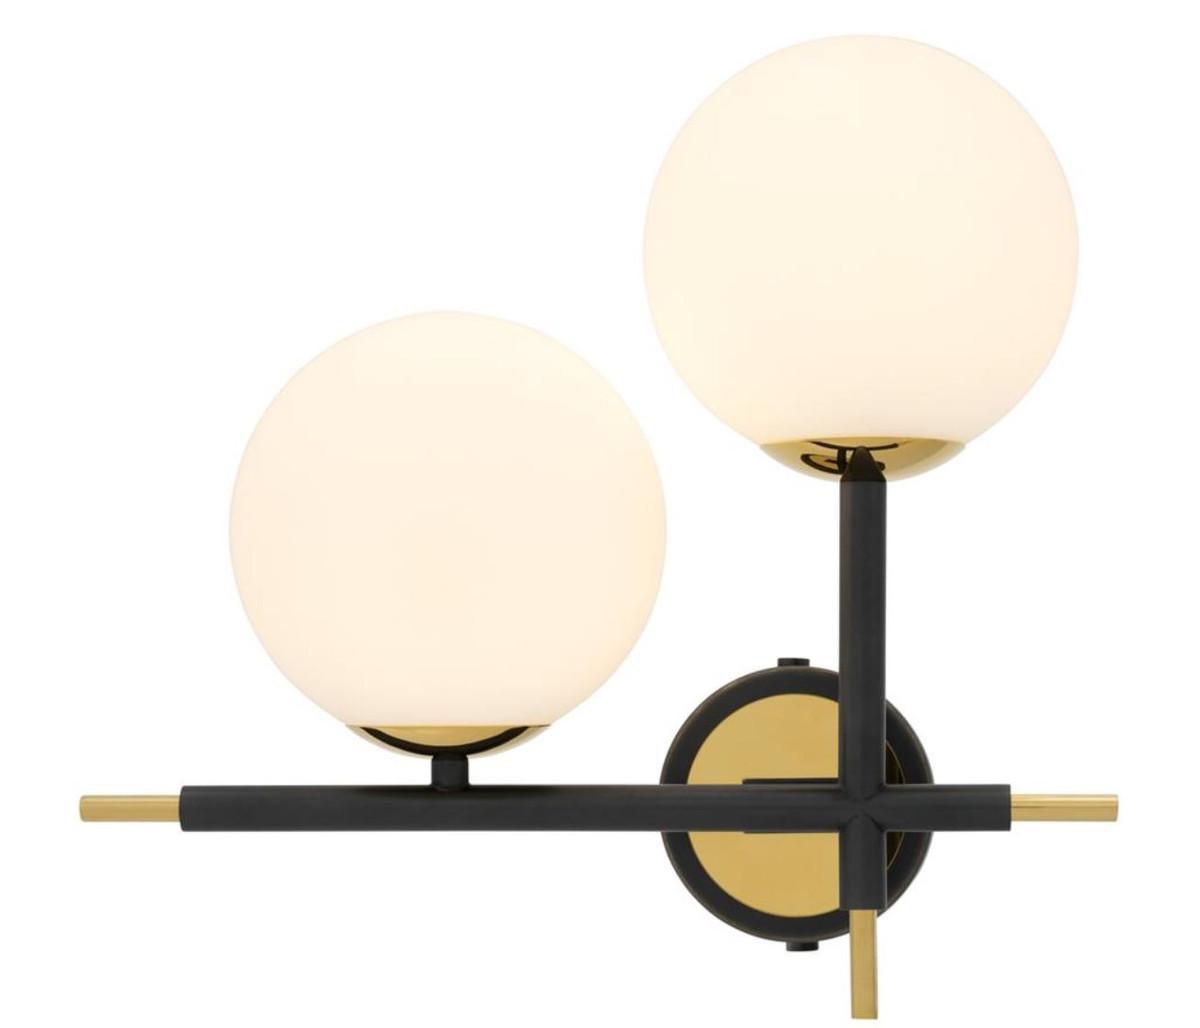 Lampe Gold Weiß